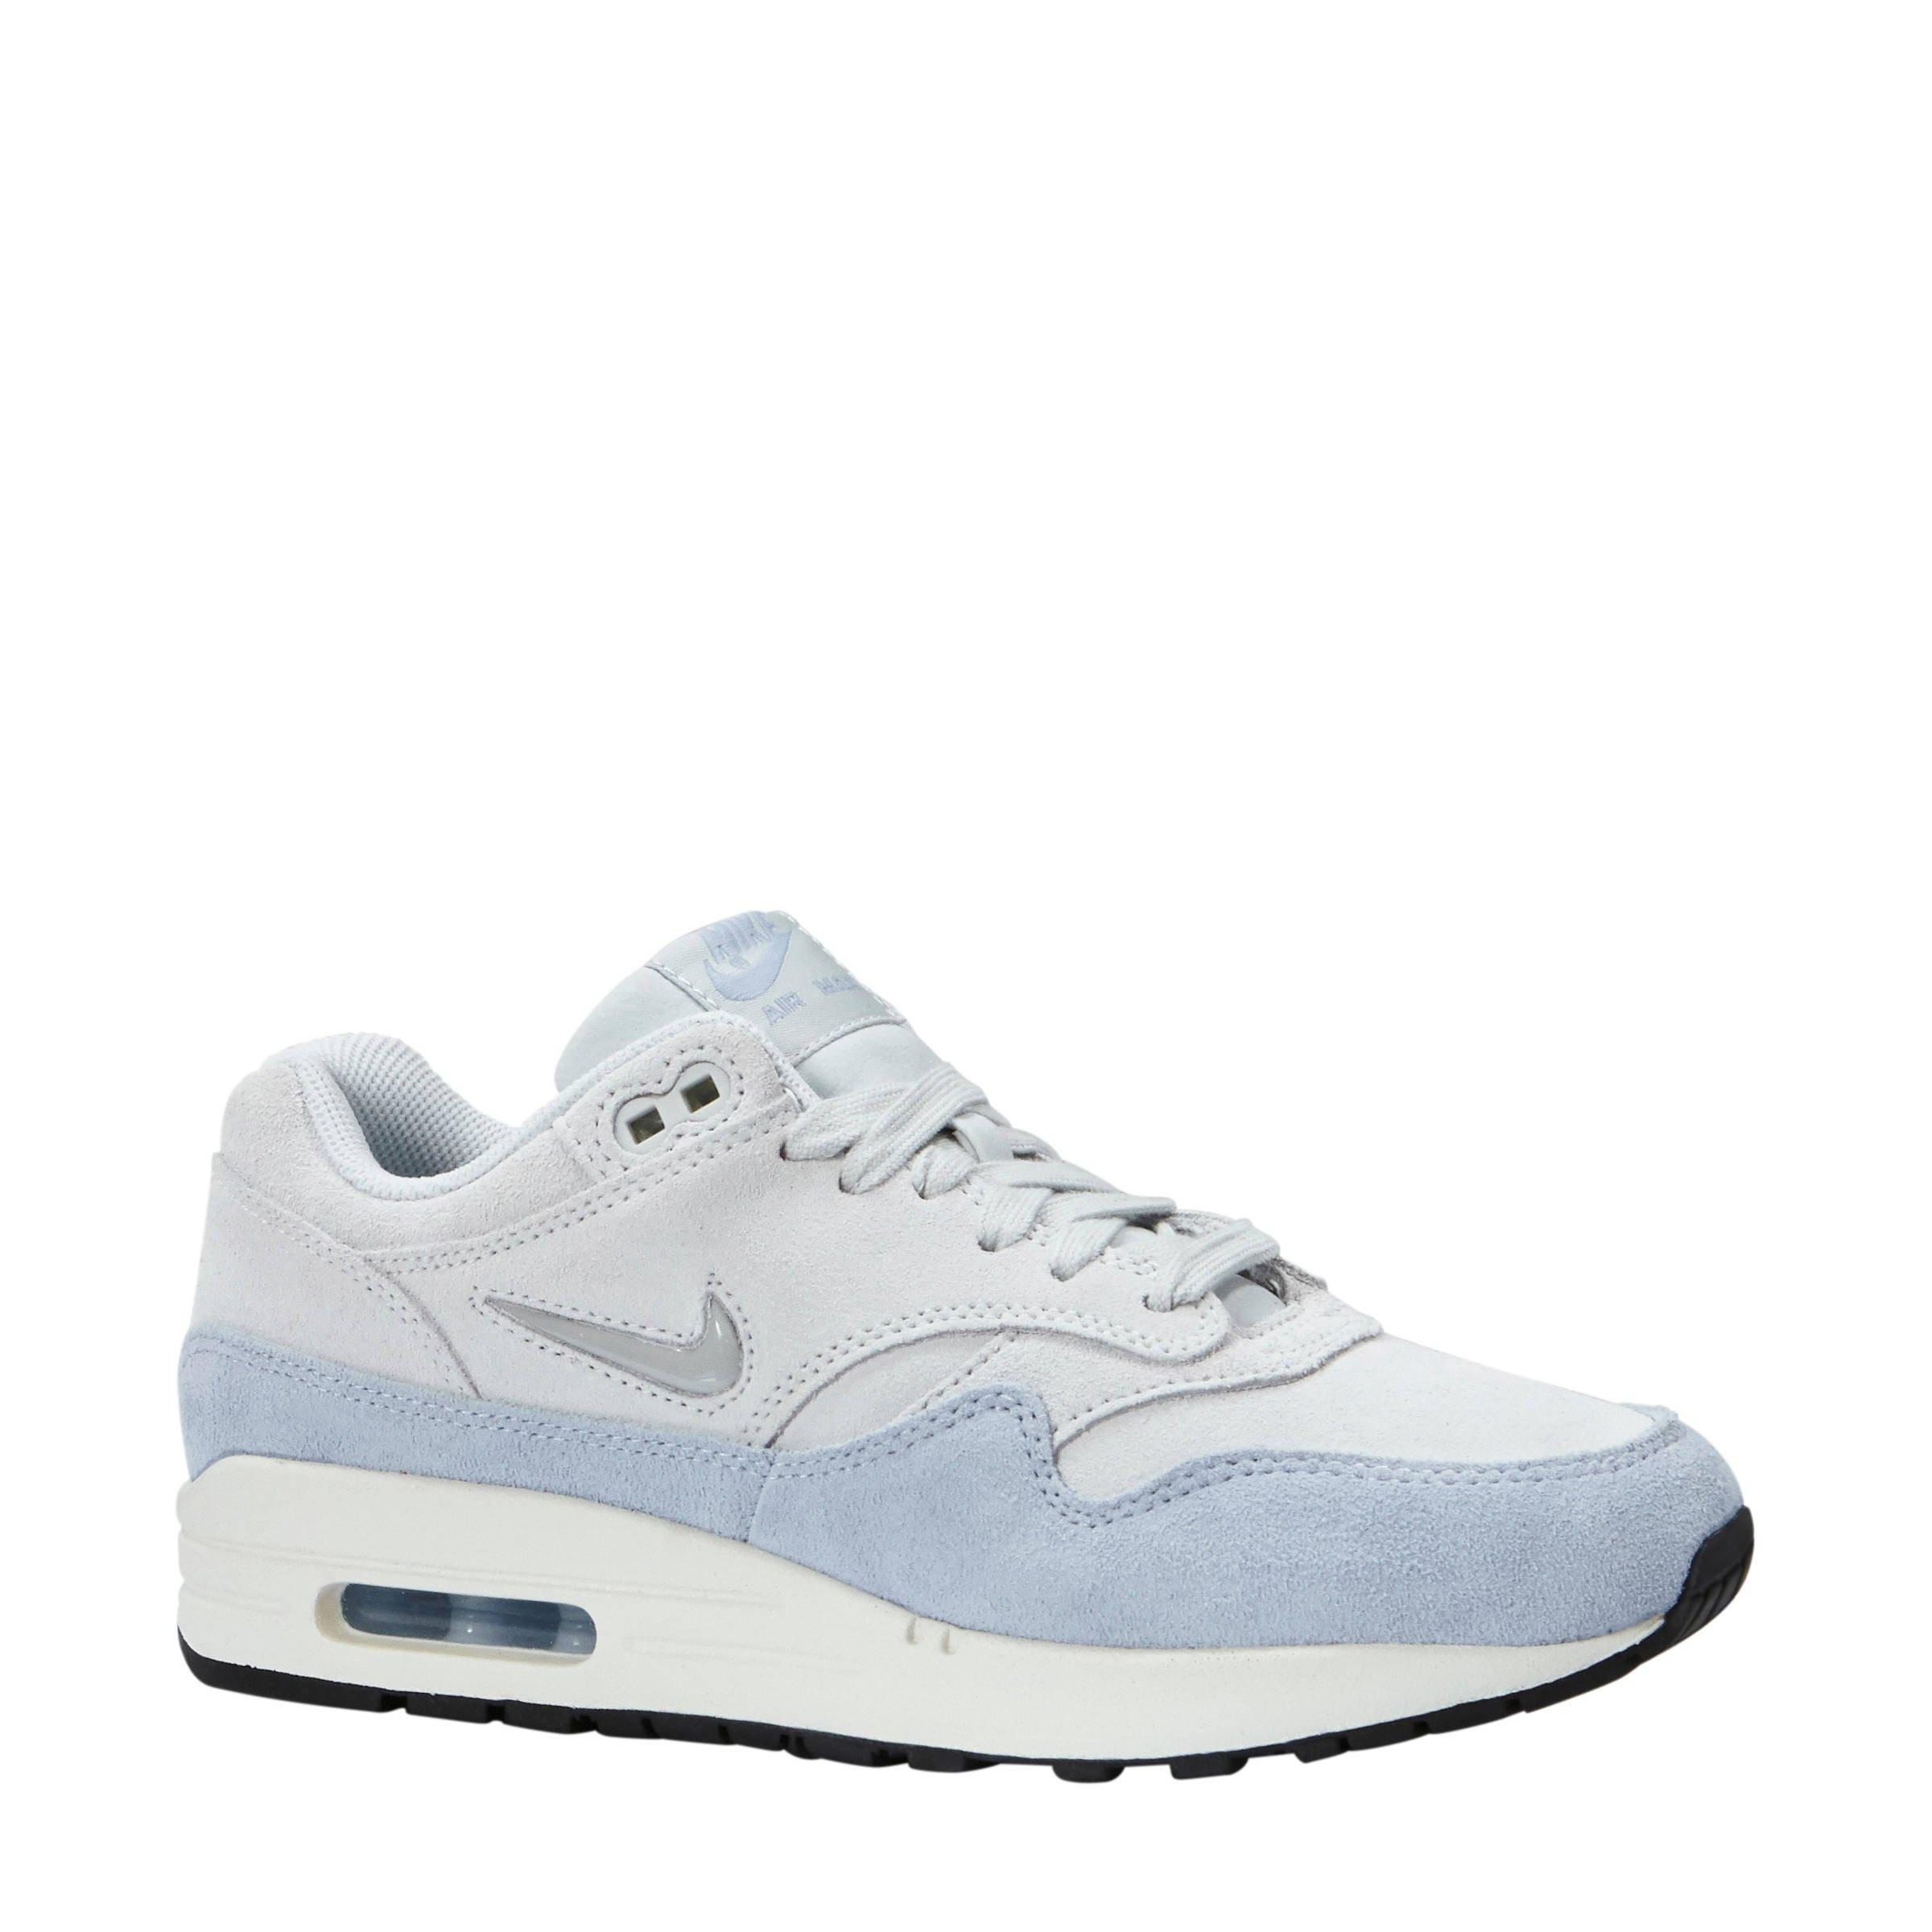 Nike Air Max 1 Premium sneakers blauw